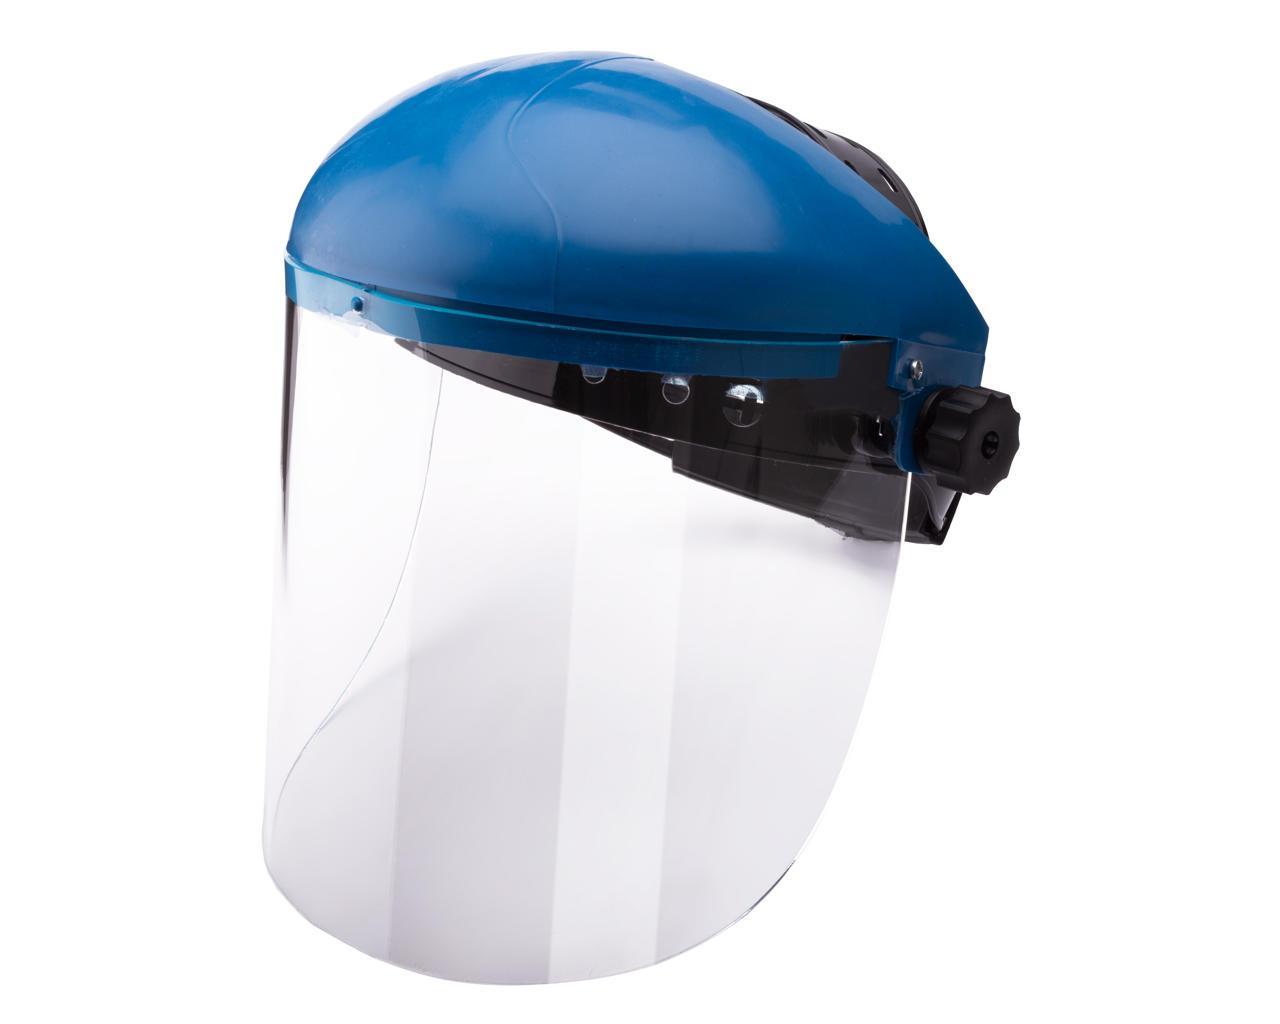 Щиток защитный НБТ Vision высота линзы 18.5 см толщина 3.0 мм с наголовником от маски Хамелеон